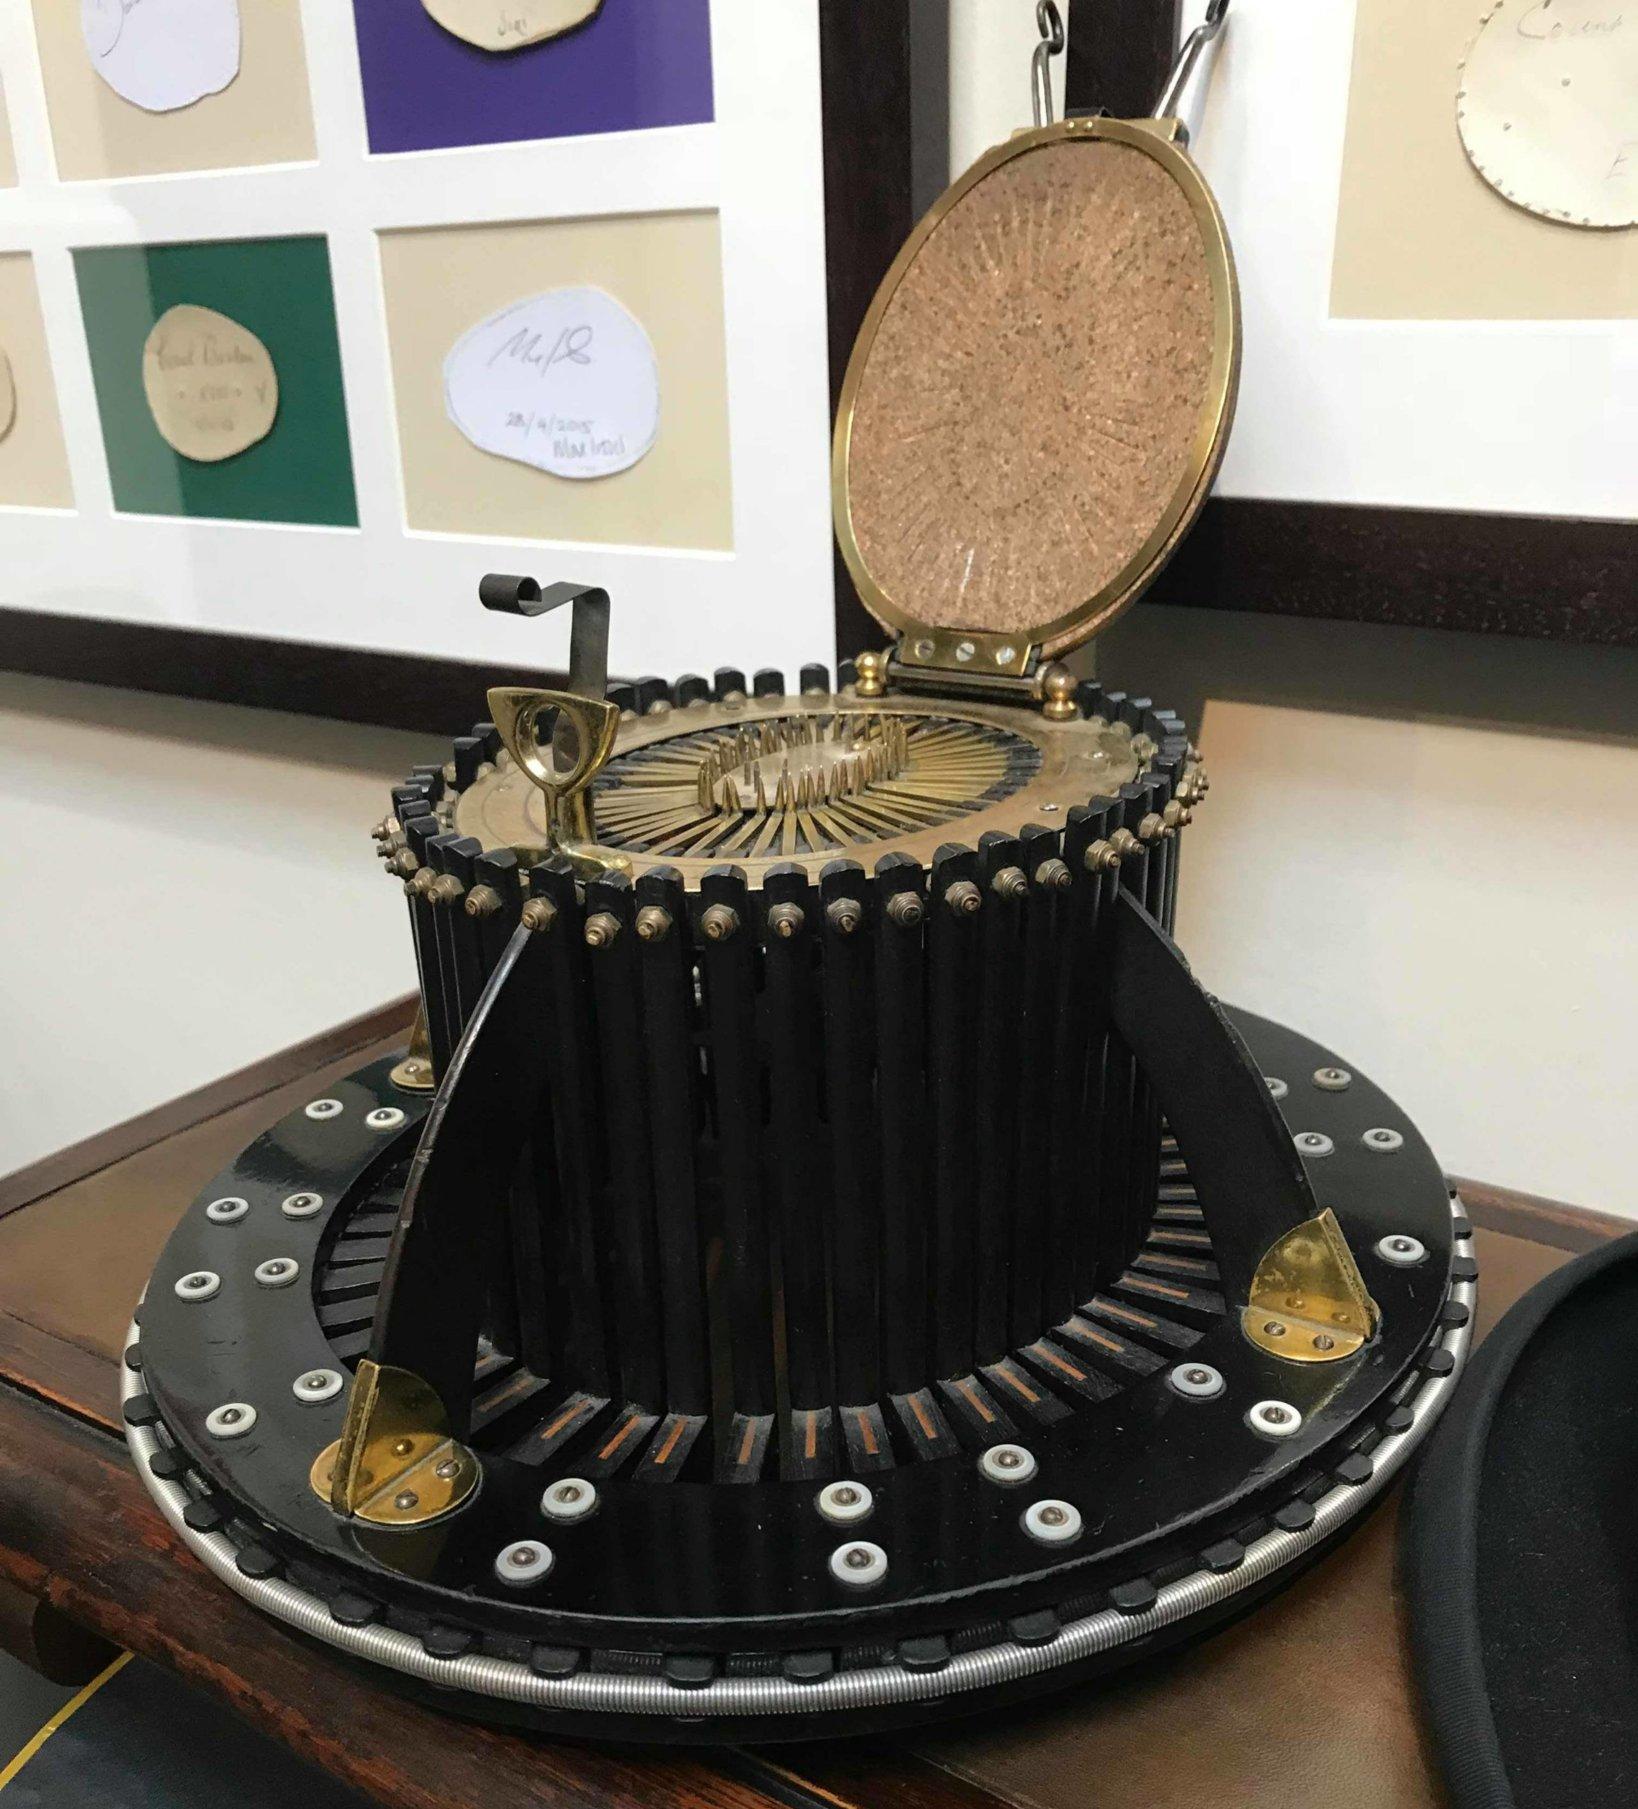 1852年にパリで発明され、顧客が被ると、頭の形を測定出来る。Lock & Co. では約100年前に製造されたものが今も現役で使われている。